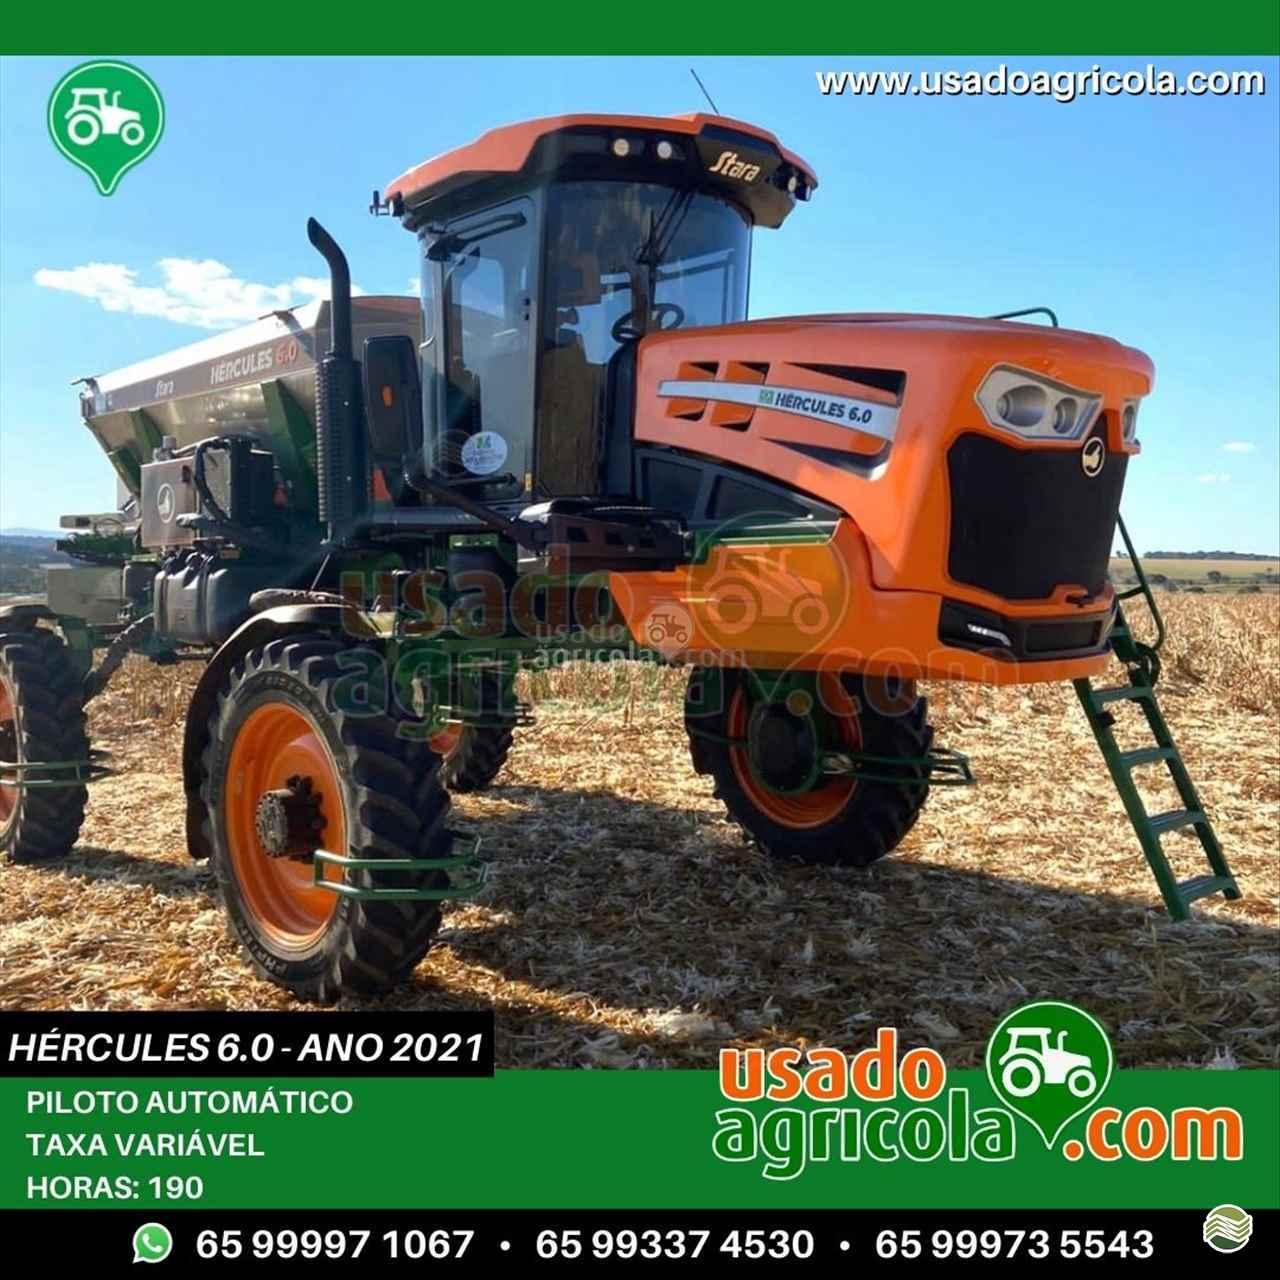 HERCULES 6.0 de Usado Agrícola - LUCAS DO RIO VERDE/MT